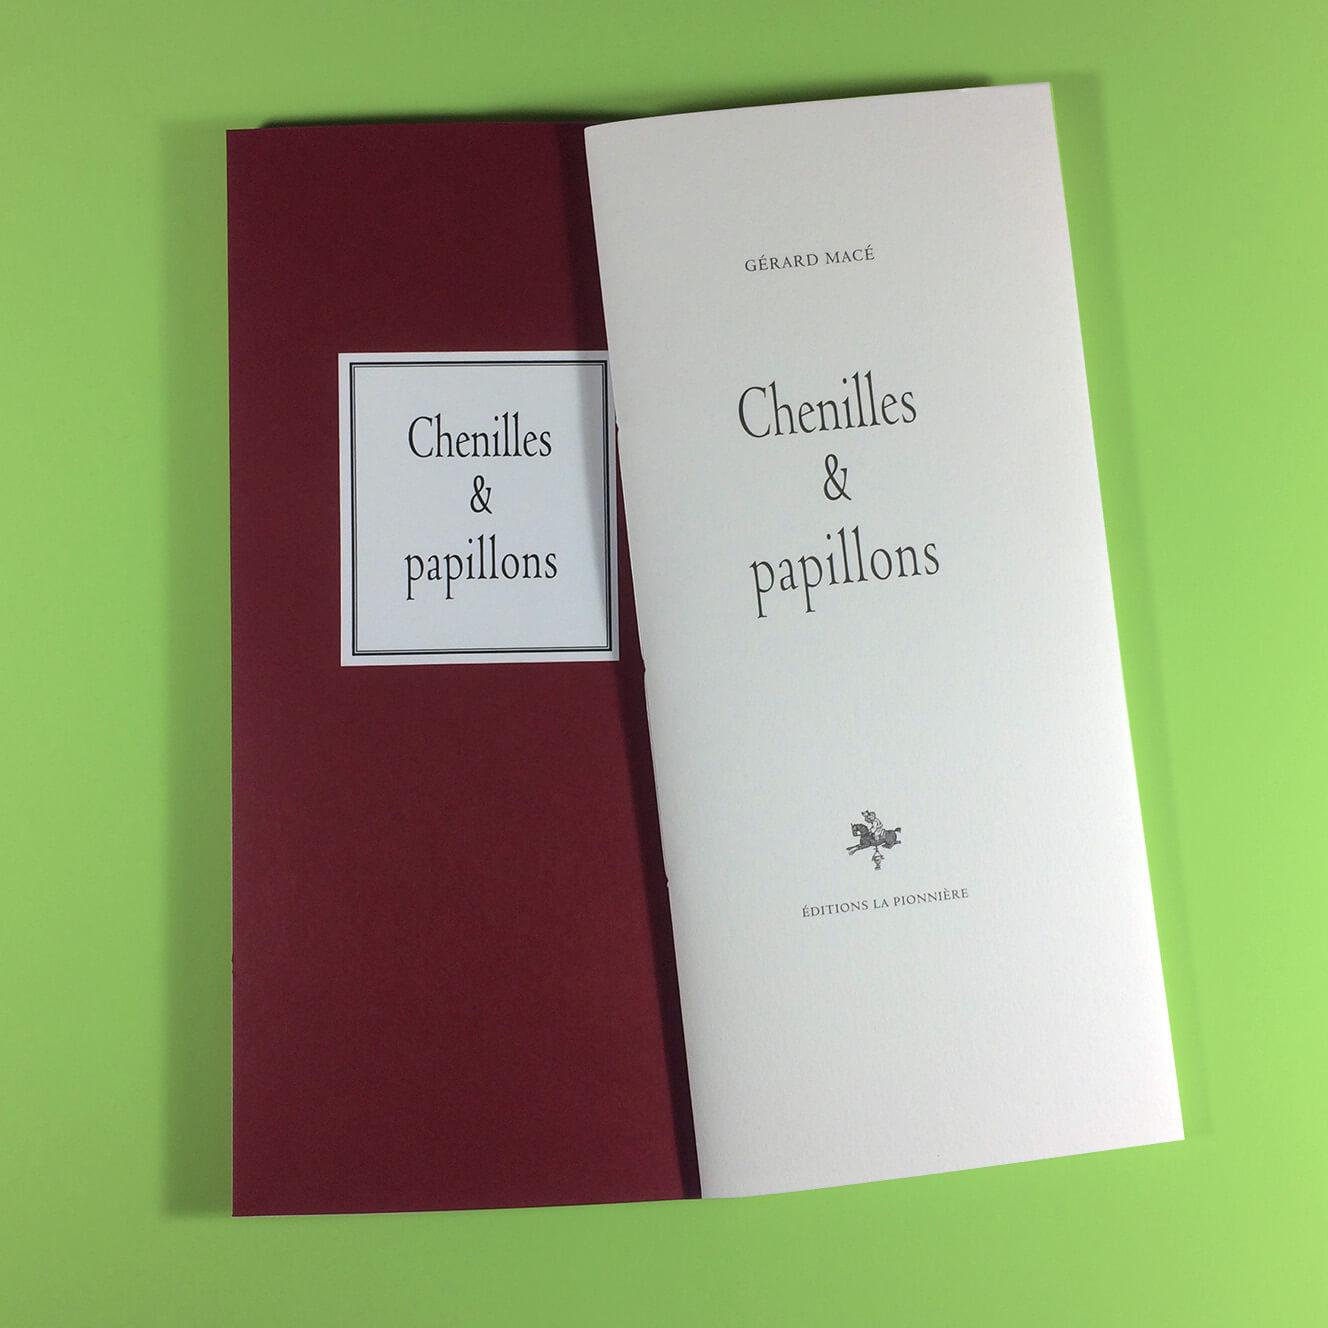 Chenilles & papillons de Gérard Macé (2017) Tirage de tête limité à 25 exemplaires numérotés et signés par l'auteur, accompagnés d'une photographie originale numérotée et signée Format : 13 x 27 cm : 220 €